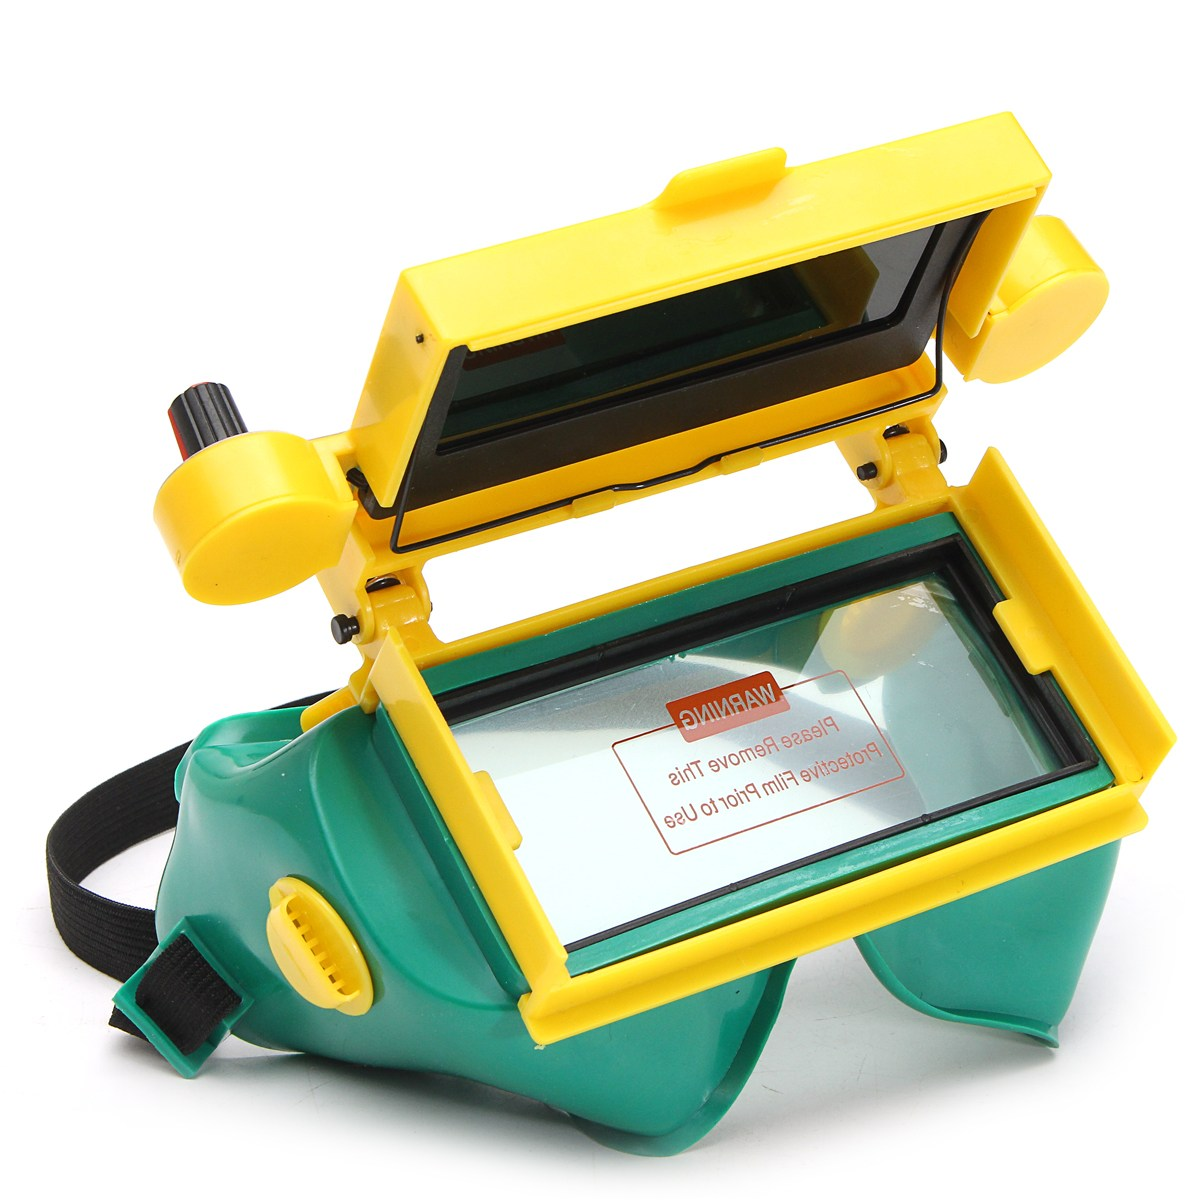 Safurance Автоматическая переменная свет сварки защитную маску затемнения, сварщик Очки на рабочем месте Детская Безопасность Защита глаз